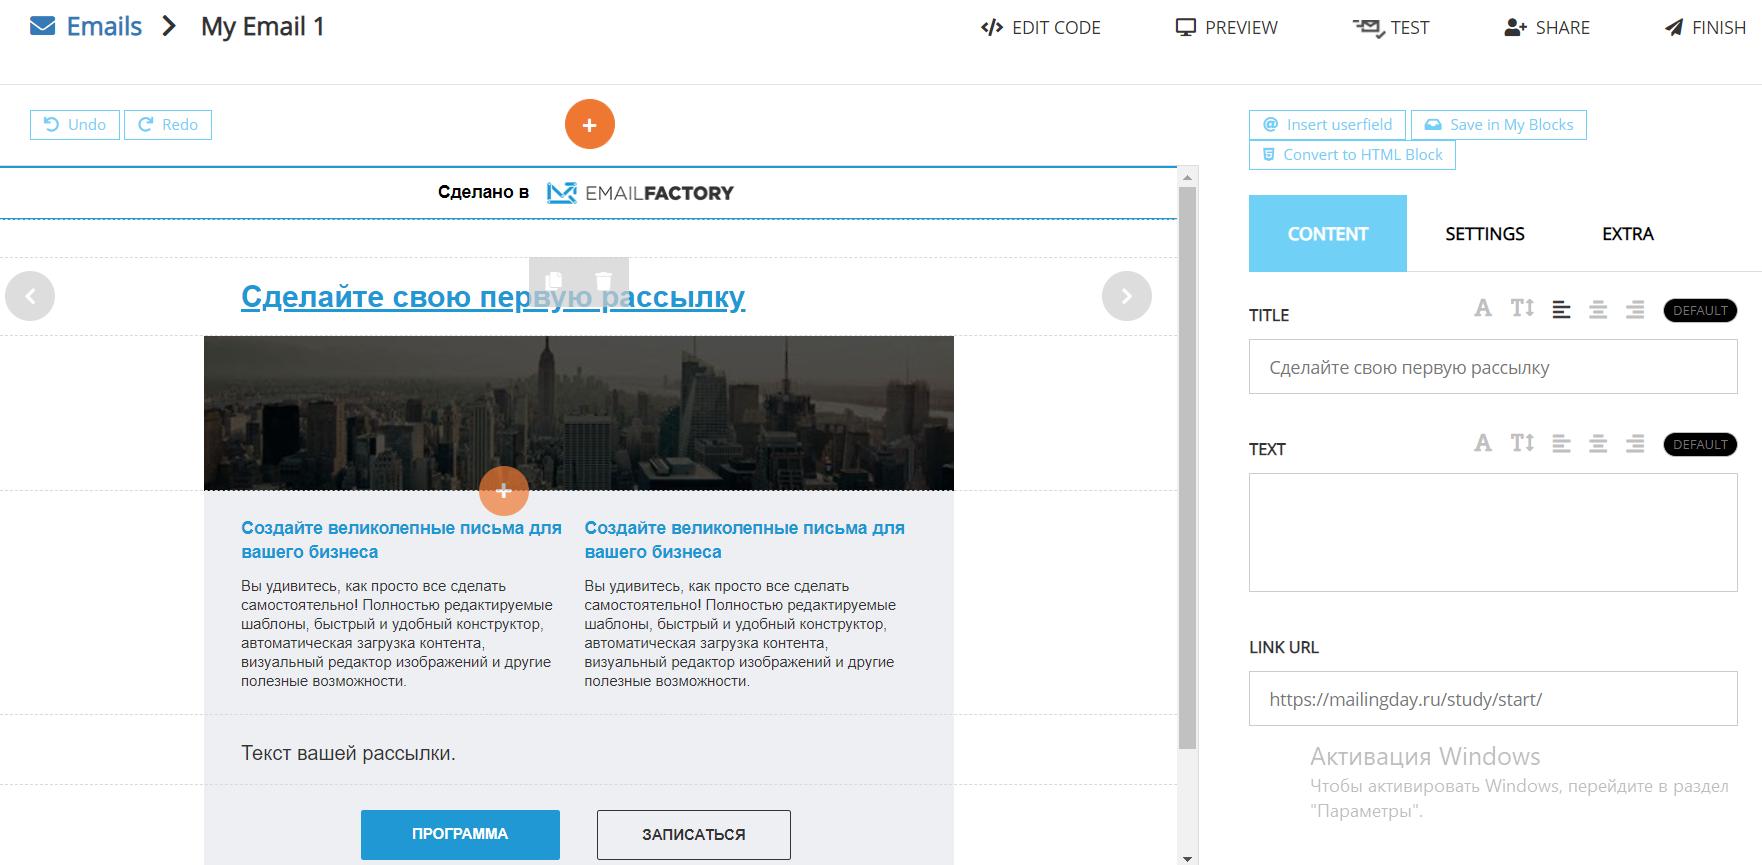 Онлайн сервис для создания шаблона email